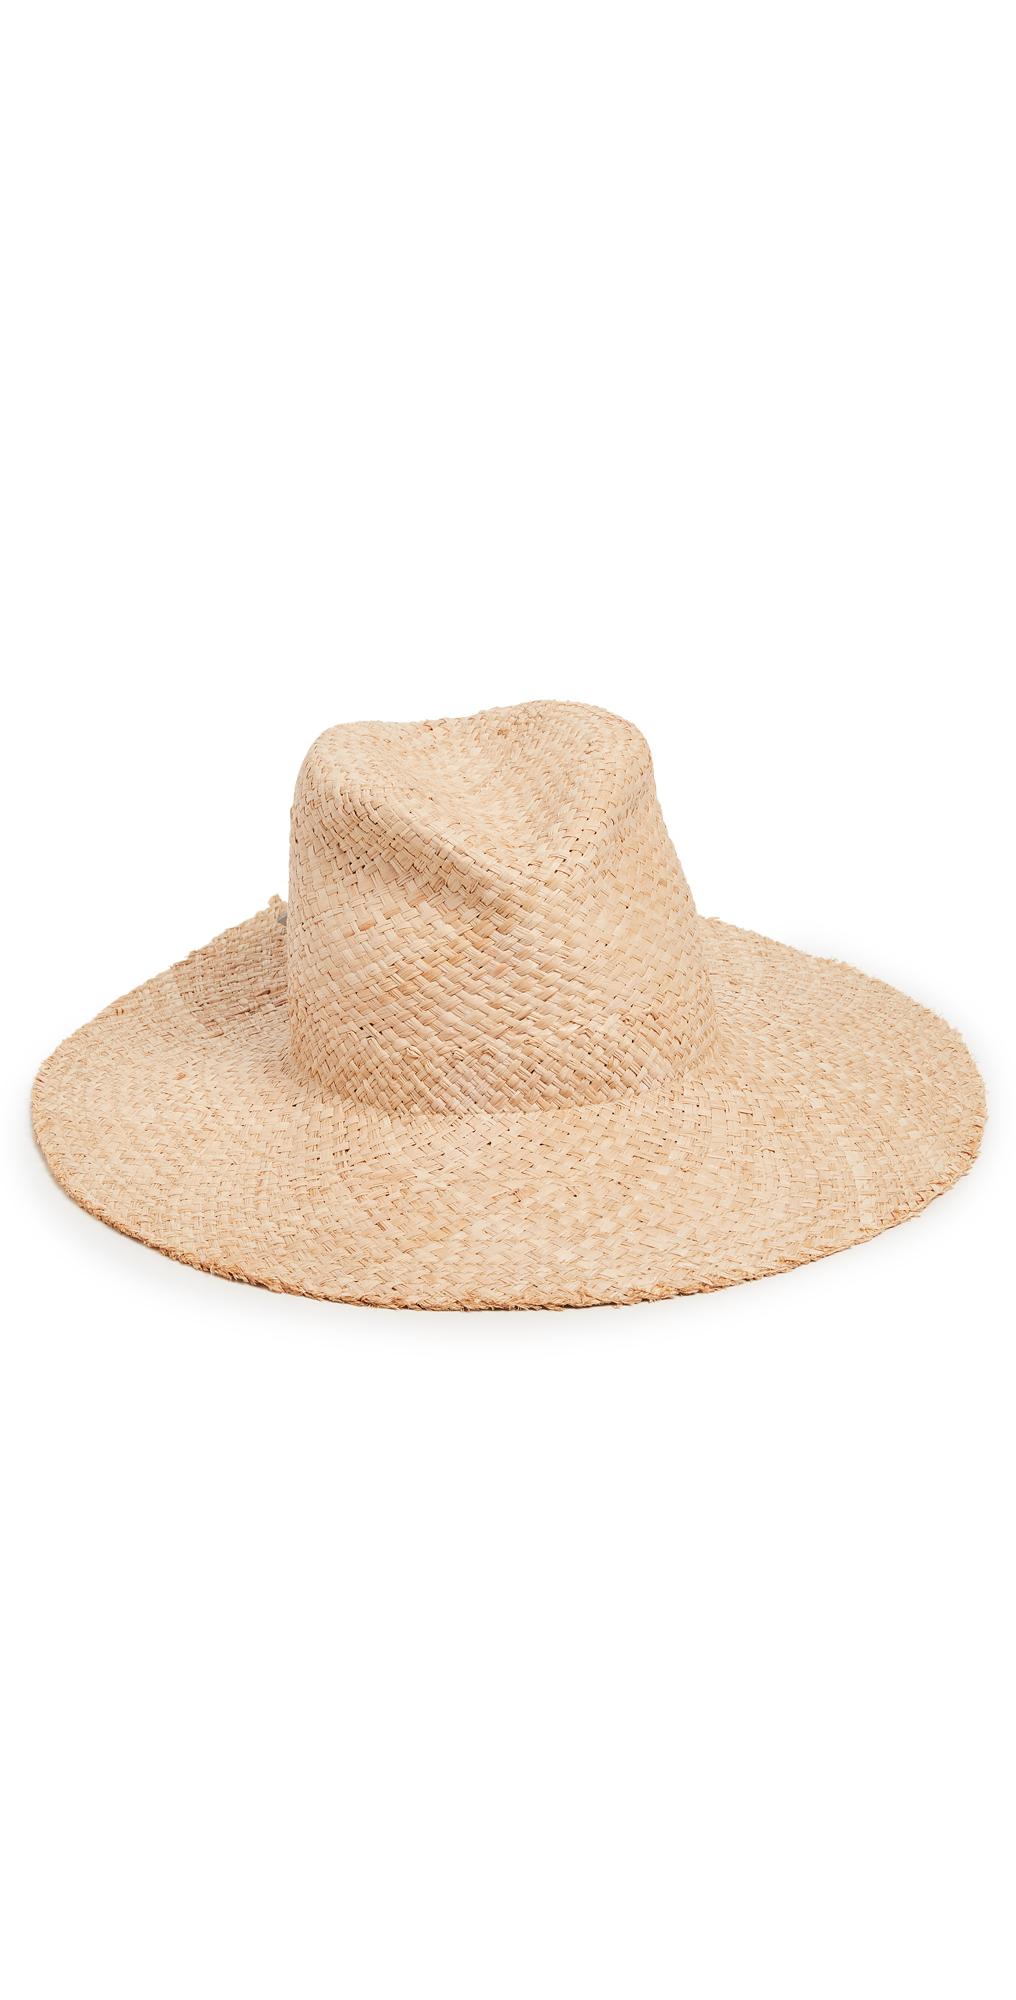 Commando Sun Hat